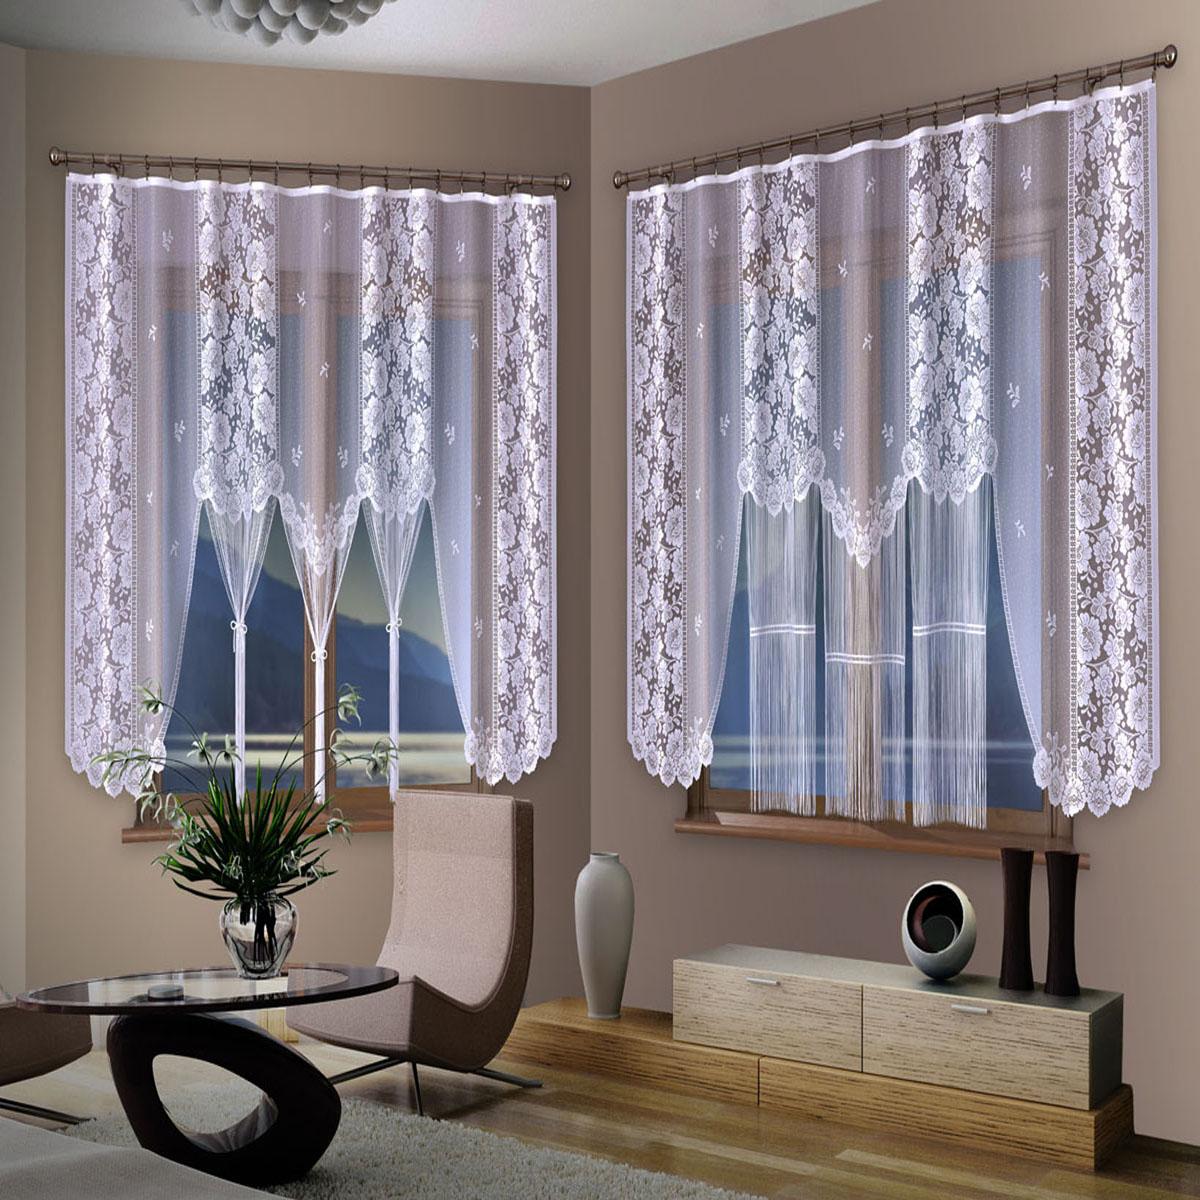 Гардина Wisan, цвет: белый, ширина 250 см, высота 170 см453ЕГардина жаккардовая, крепление зажимы для штор. Размеры: ширина 250*высота 170